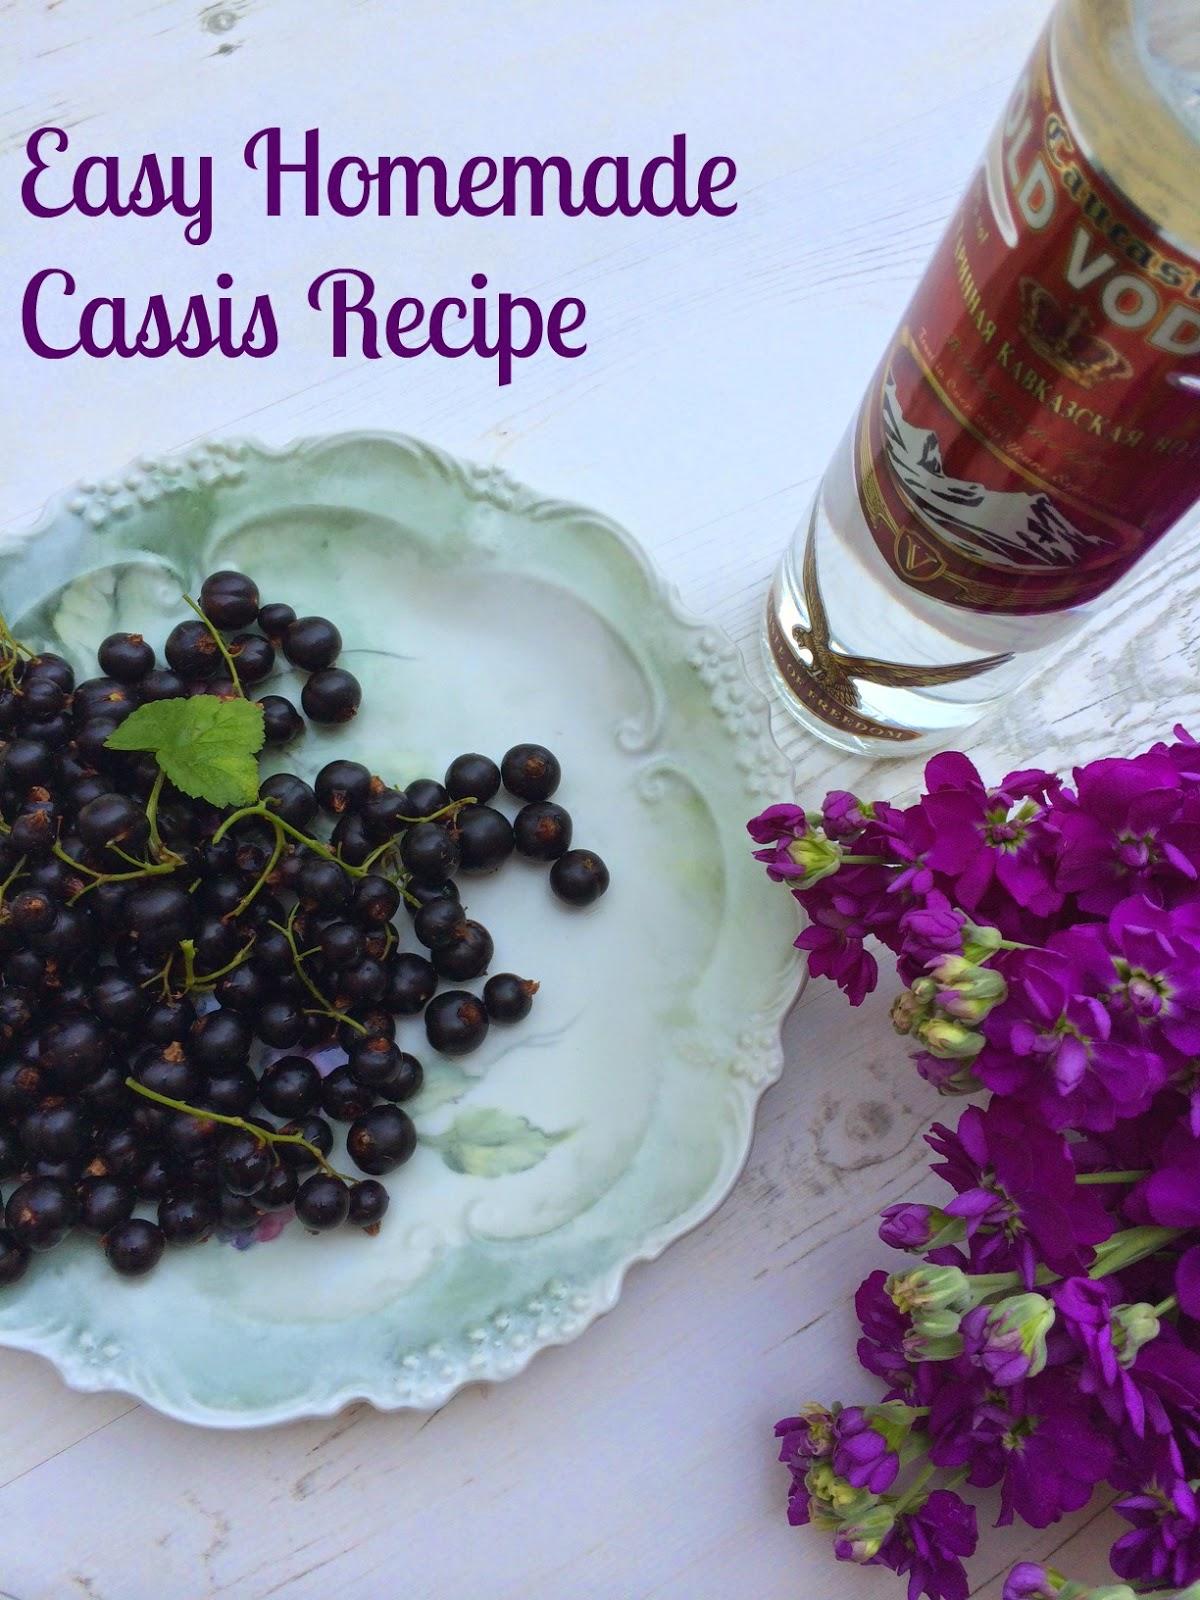 Easy homemade Cassis Recipe